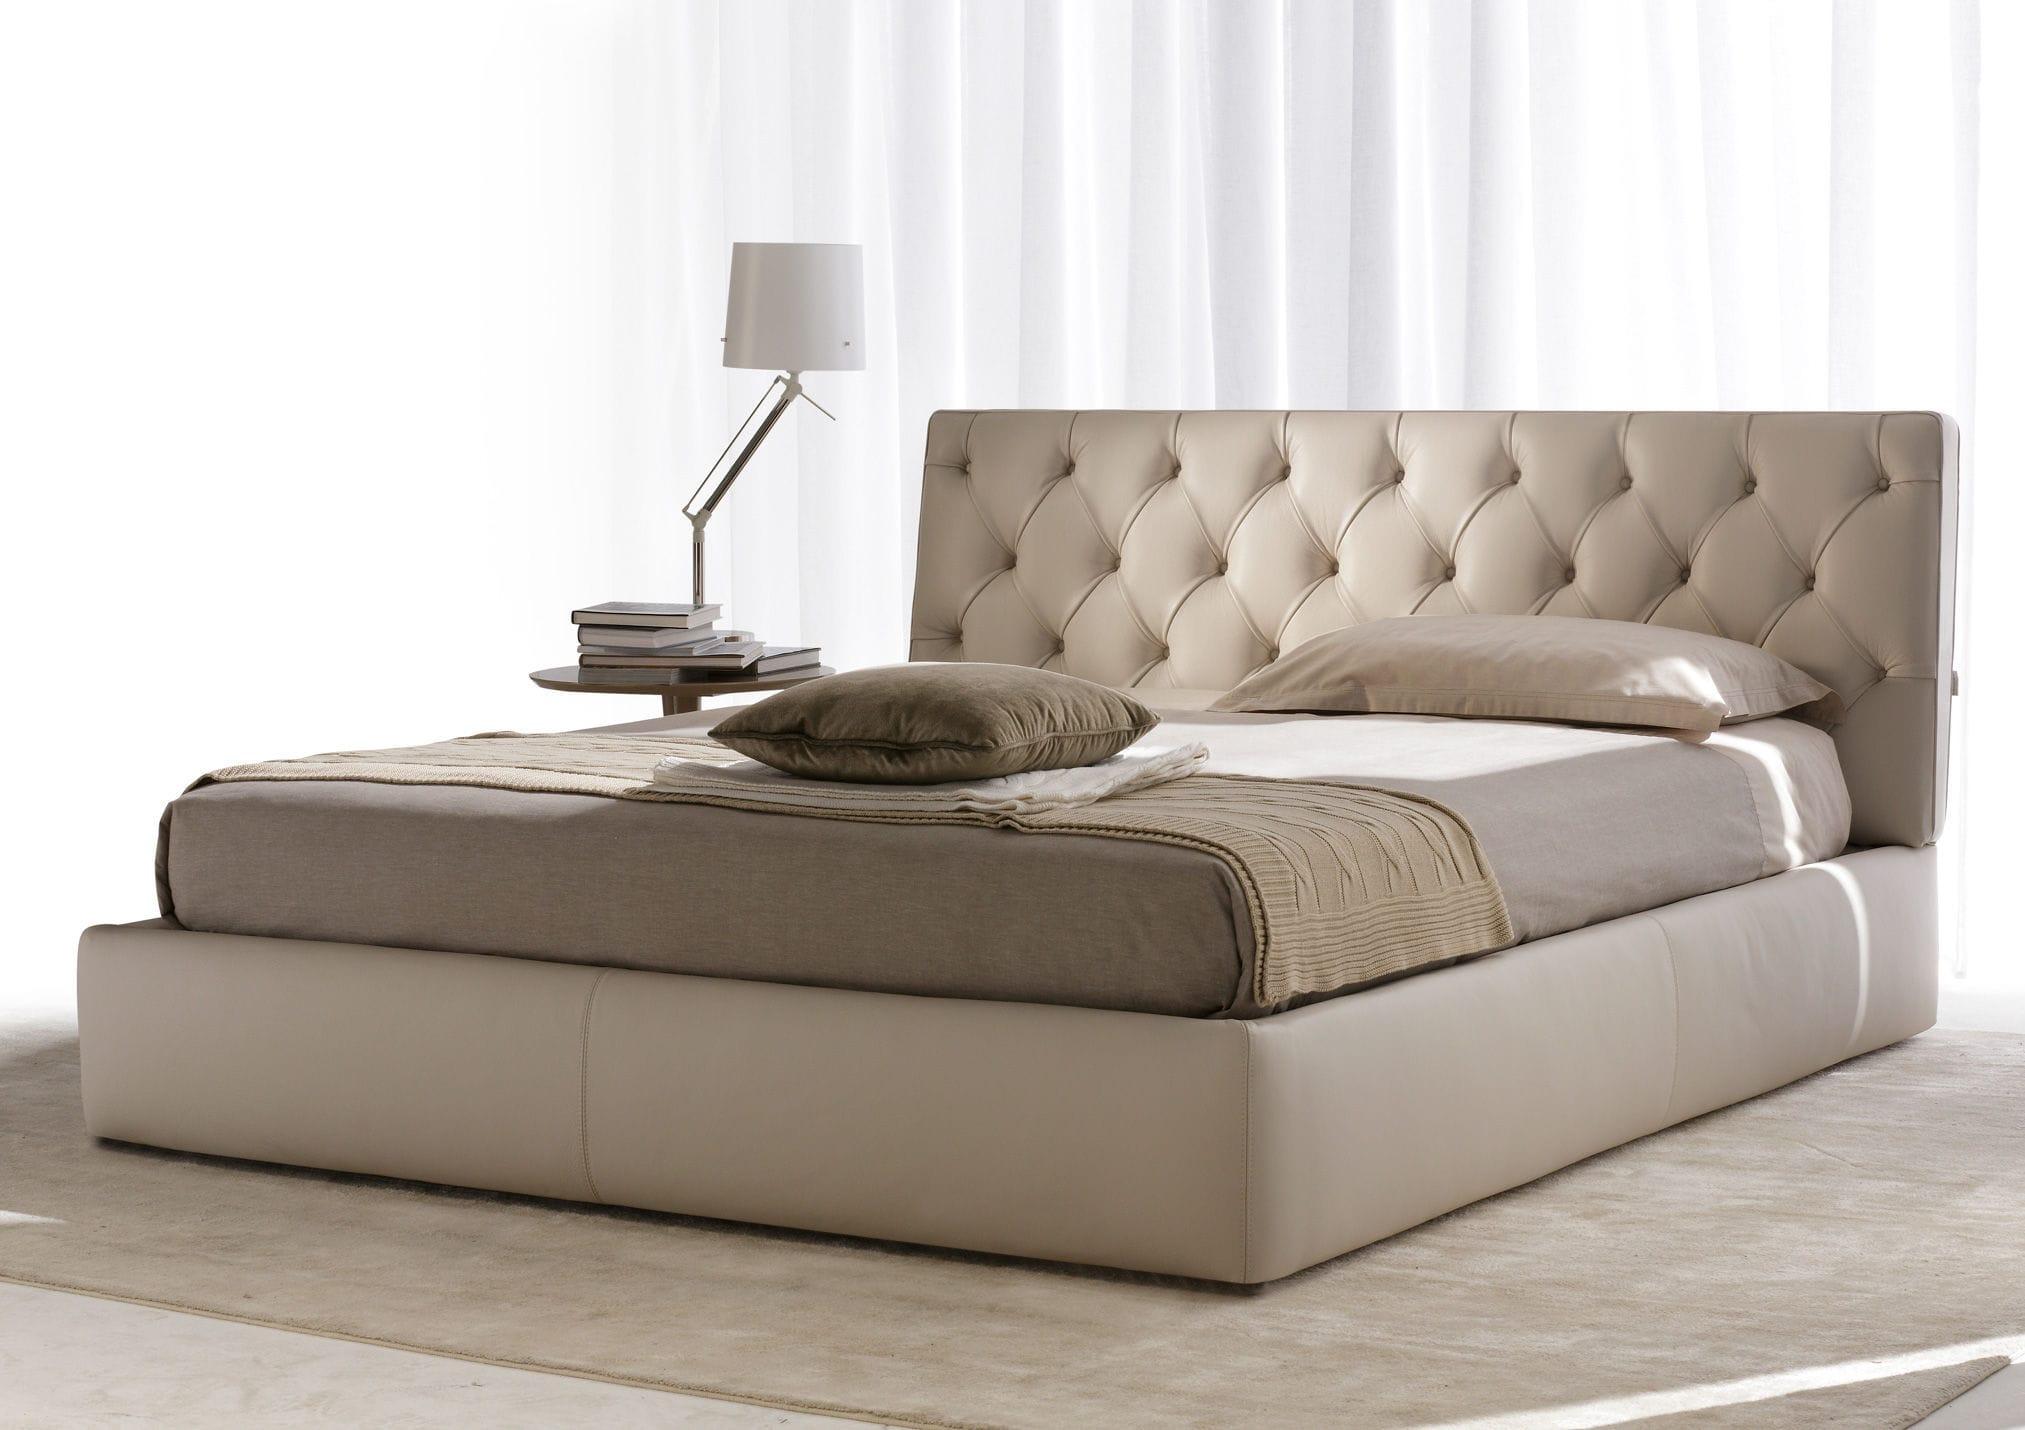 lit double contemporain tapiss avec tte de lit - Lit Double